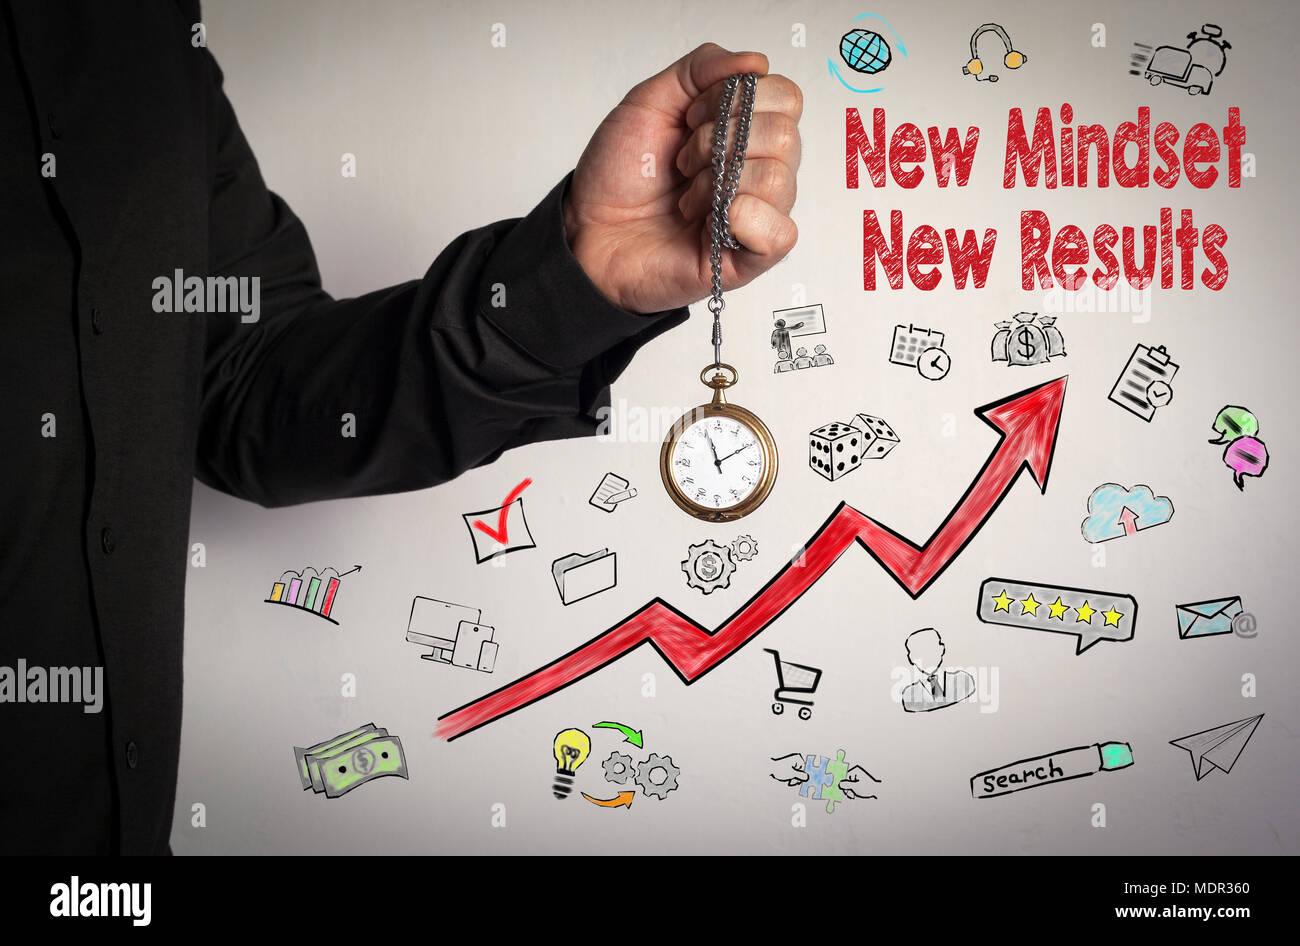 Nueva Mentalidad nuevo concepto de resultados. Iconos de flecha roja y alrededor Imagen De Stock